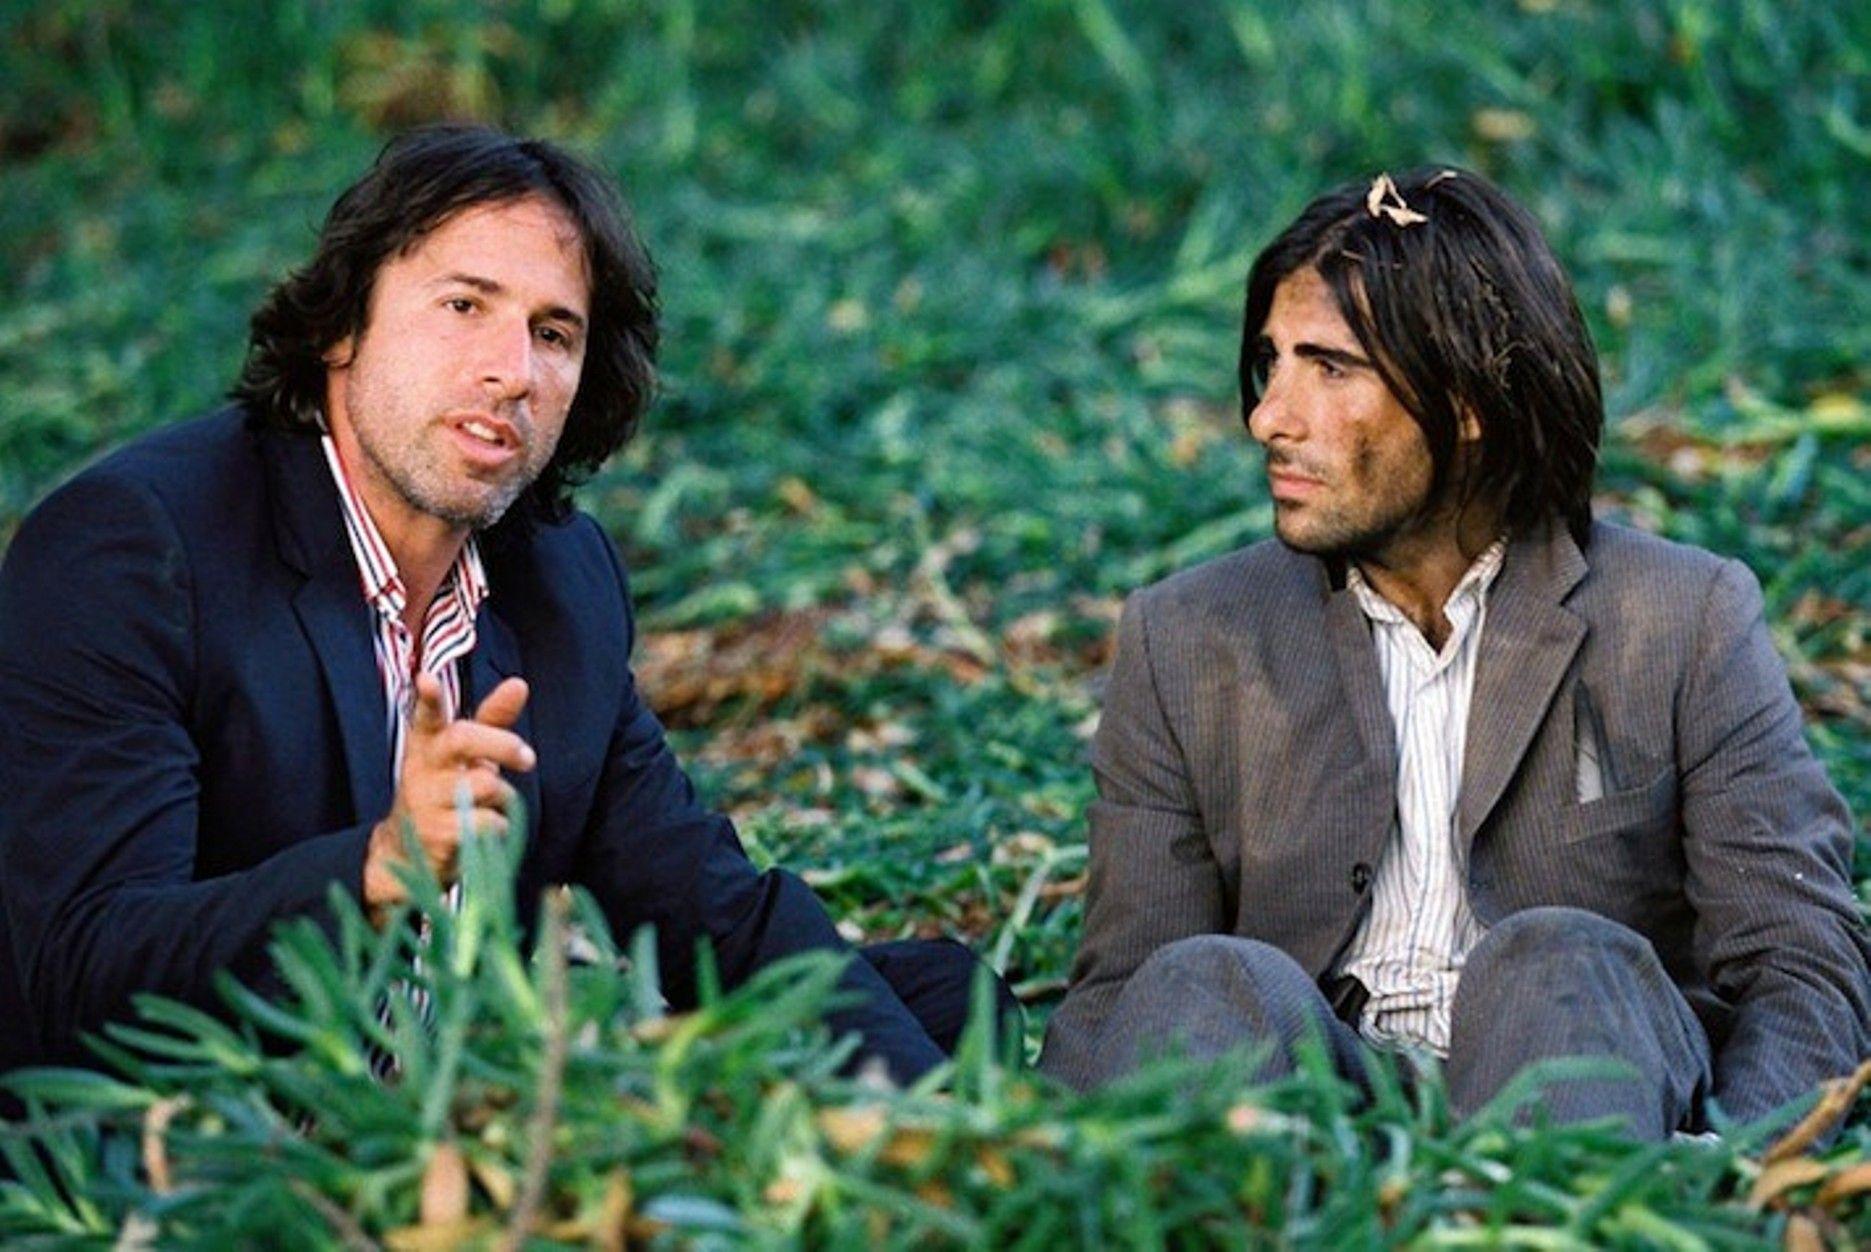 Эко-активисты в центре внимания: 7 фильмов о защитниках природы